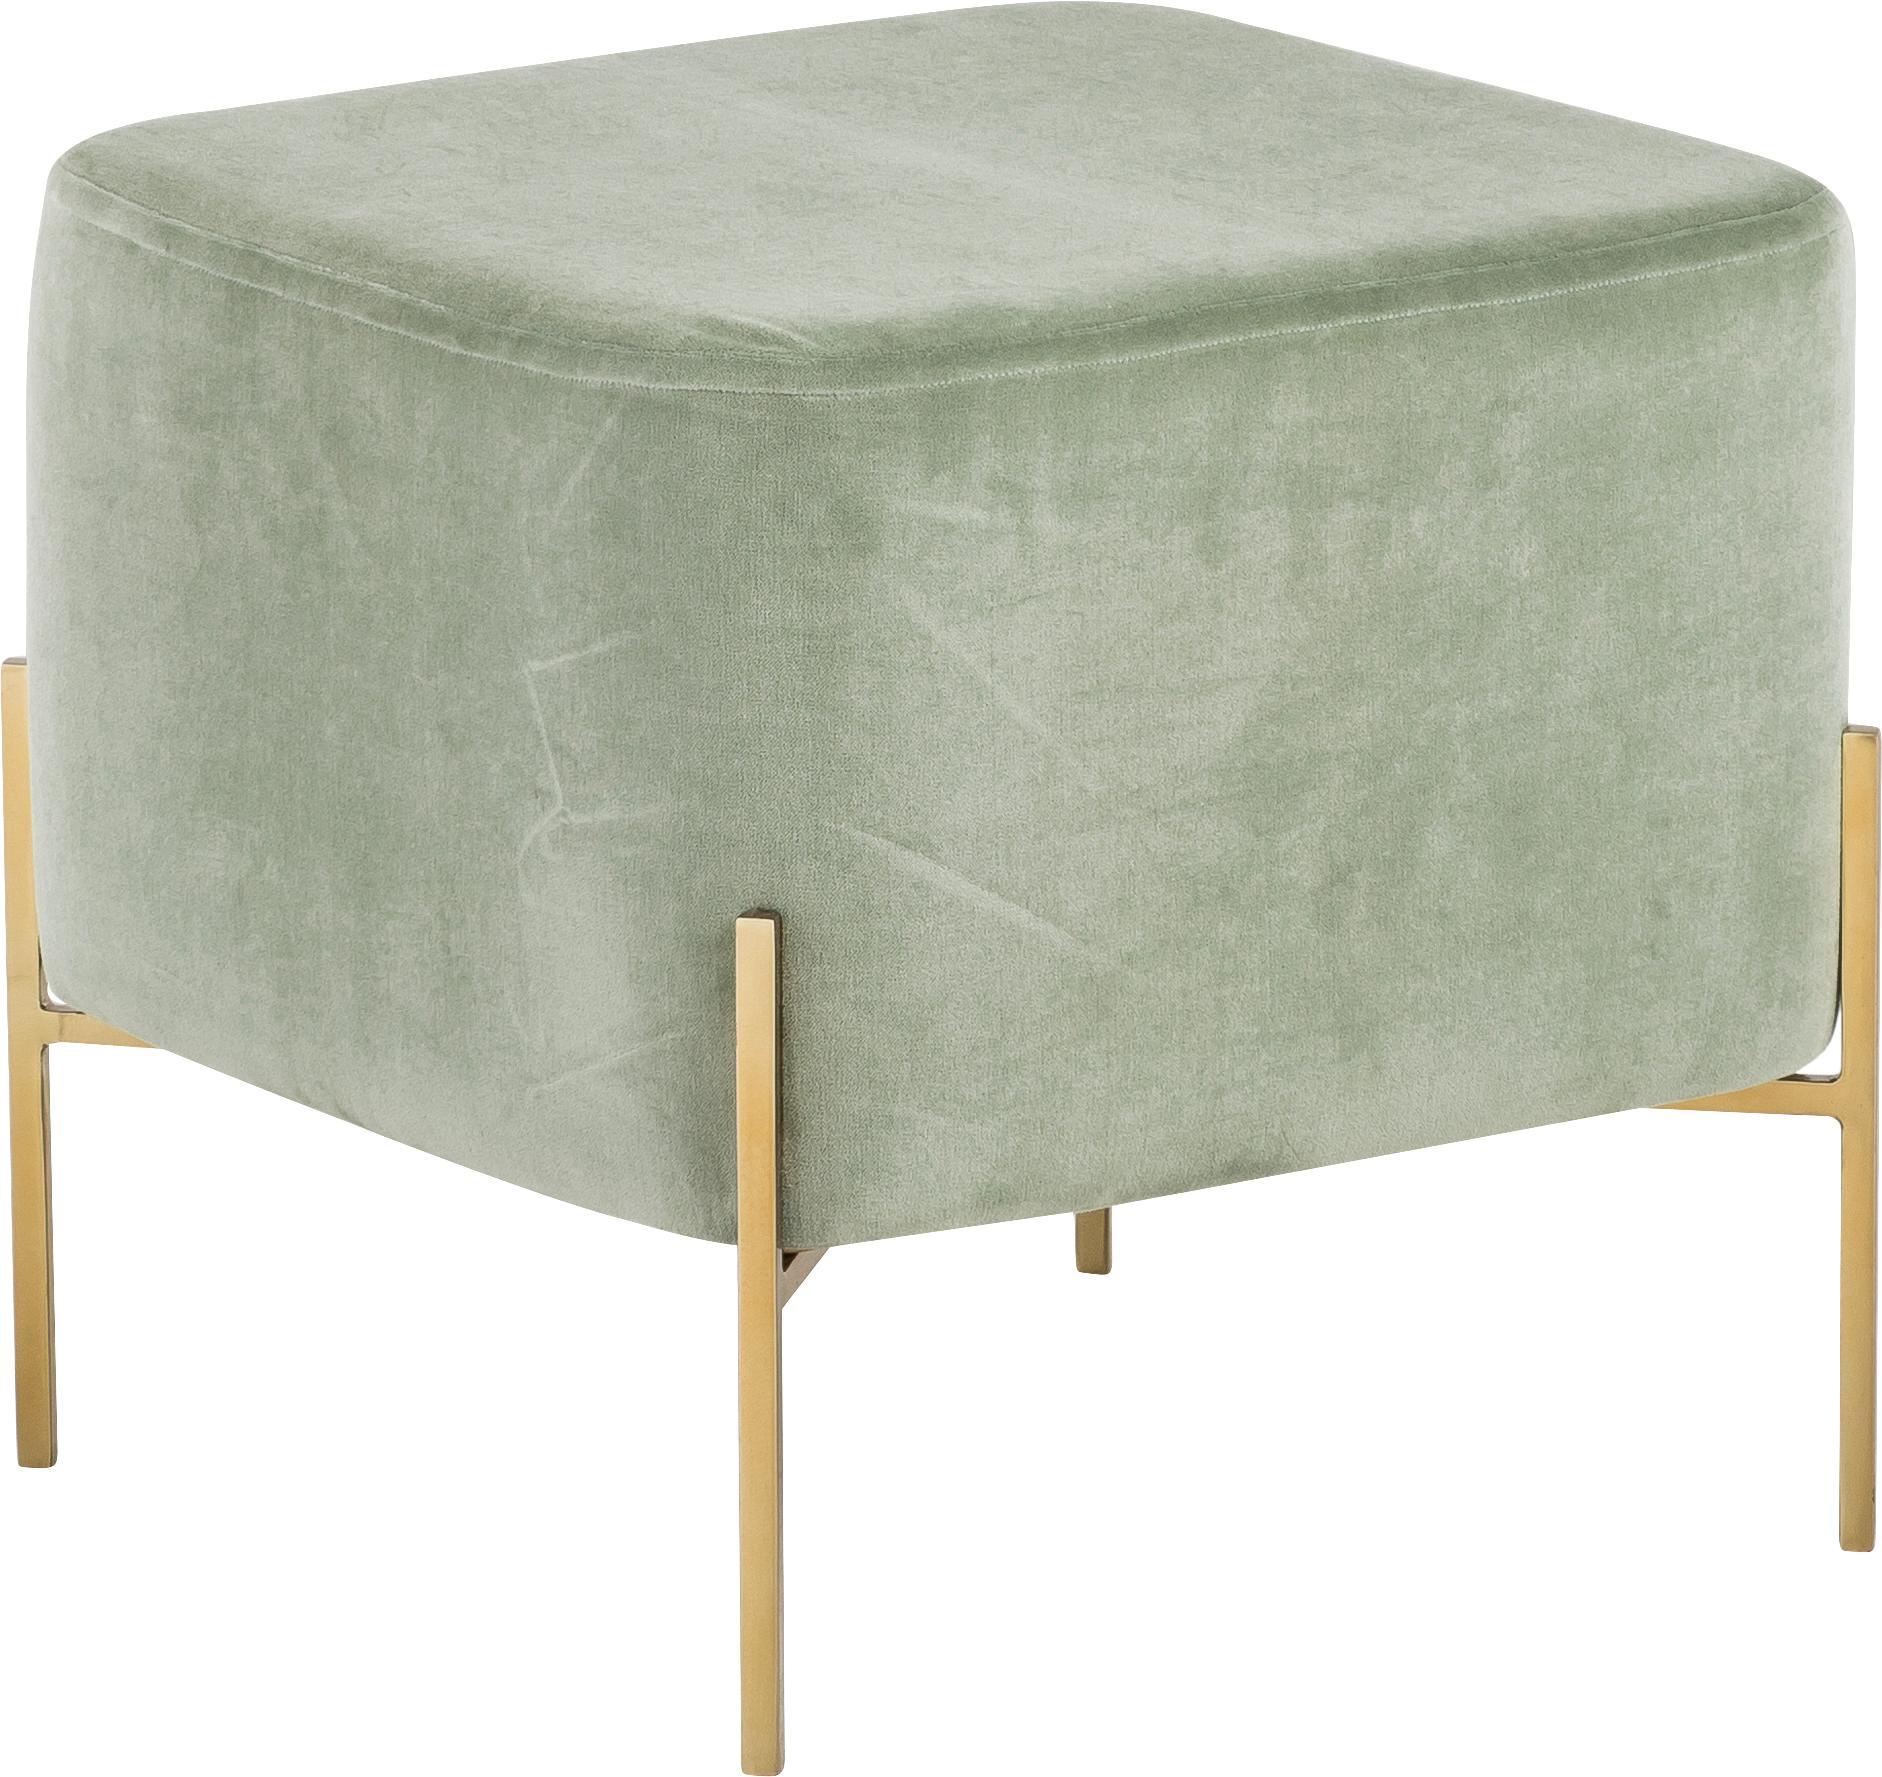 Taburete de terciopelo Harper, Tapizado: terciopelo de algodón, Verde salvia, dorado, An 46 x Al 44 cm